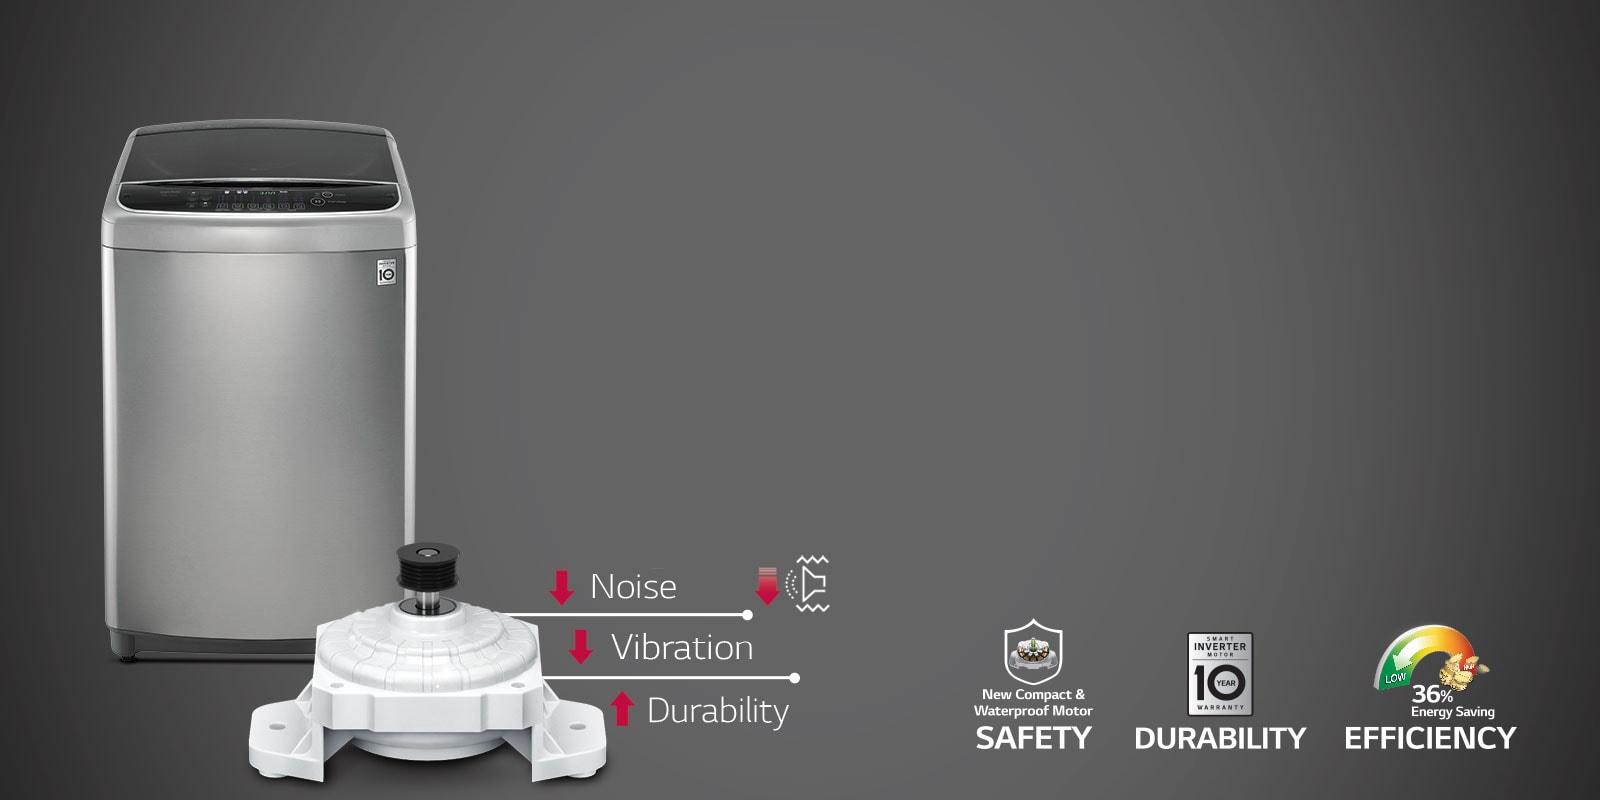 LG T65SJSF3Z 6.5 kg Smart Invertor Technology